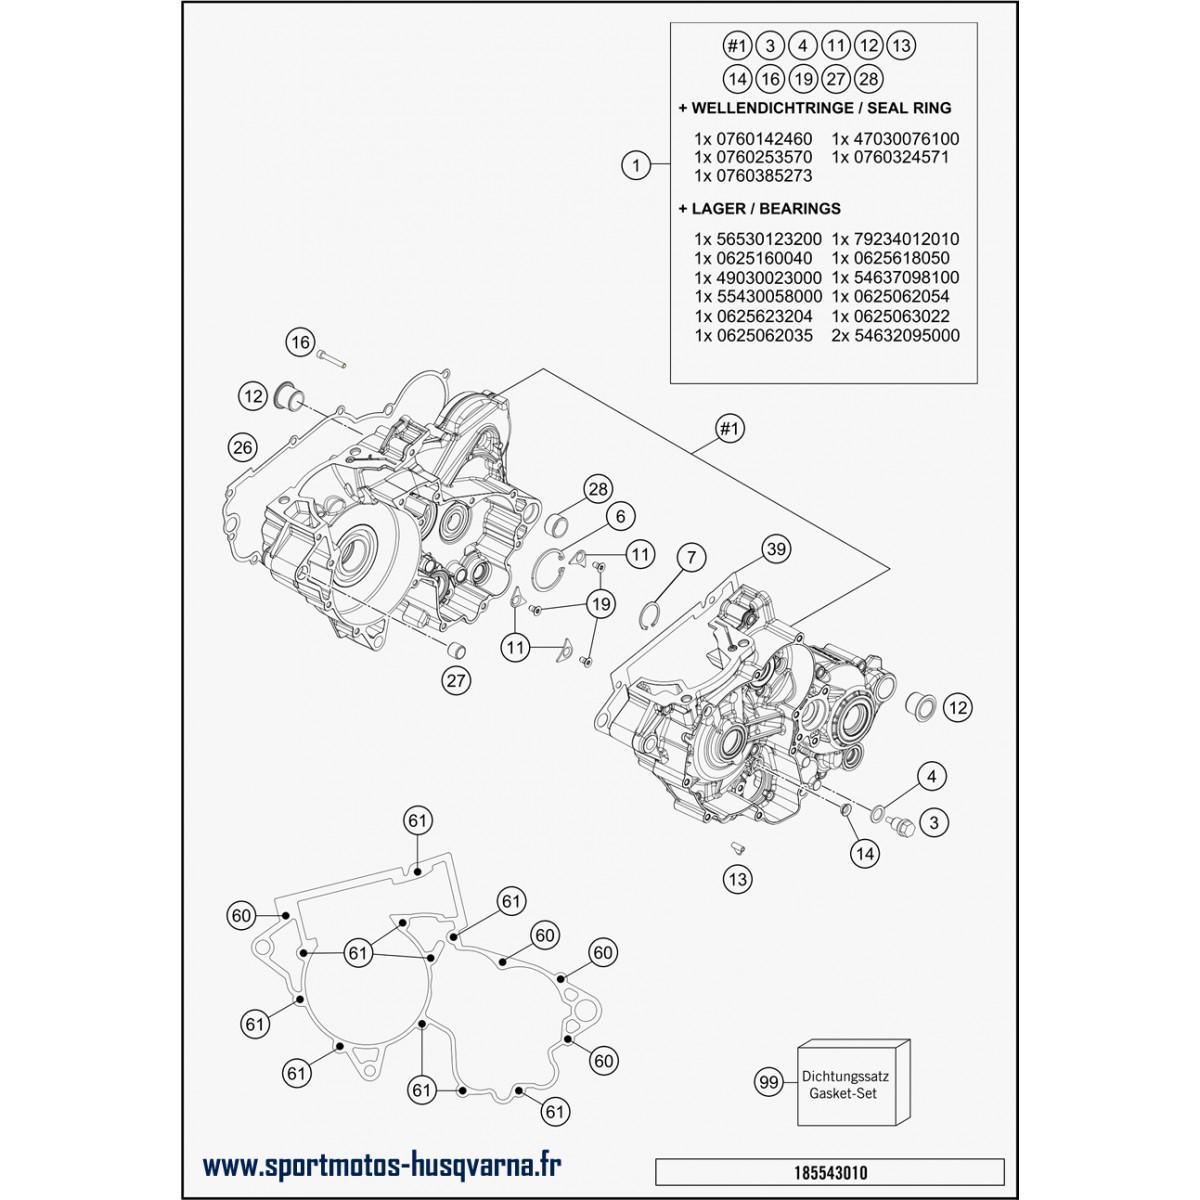 schema d u0026 39 un moteur diesel